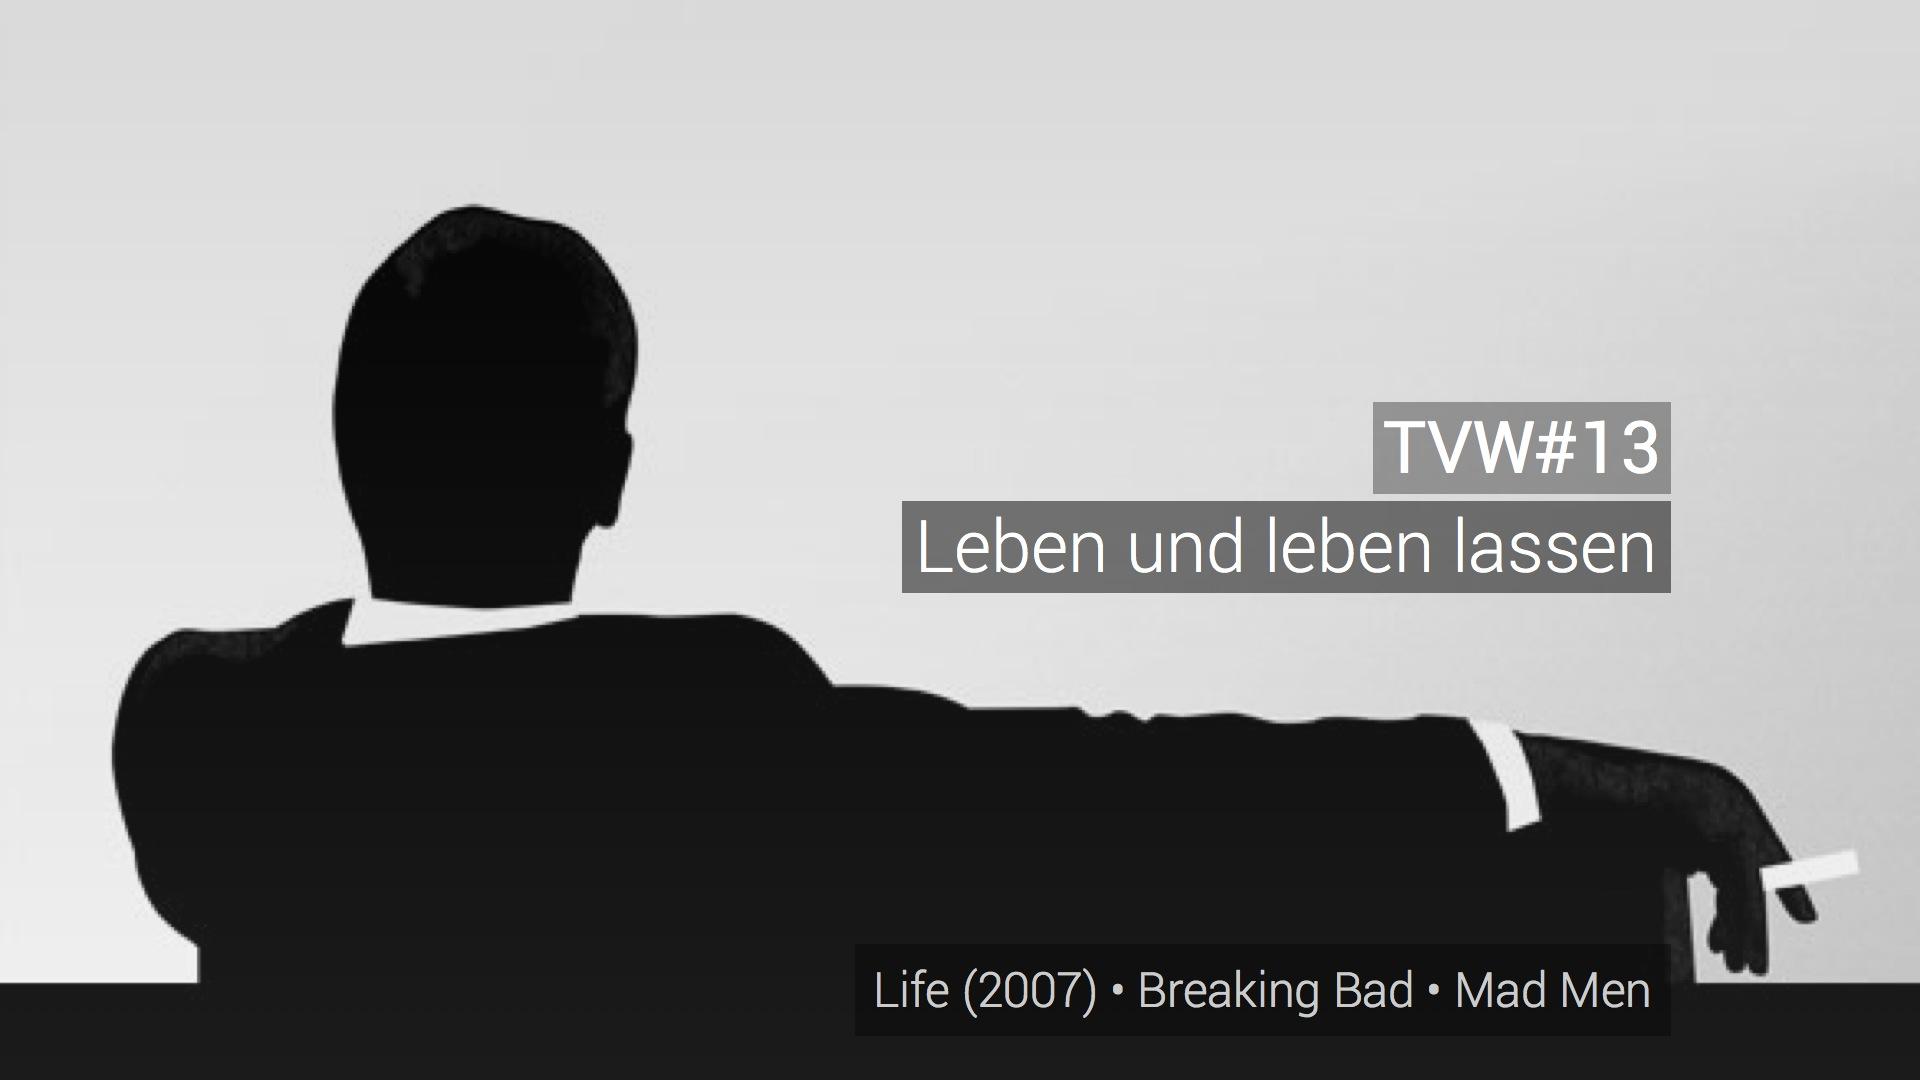 FB-TVW#13.jpg